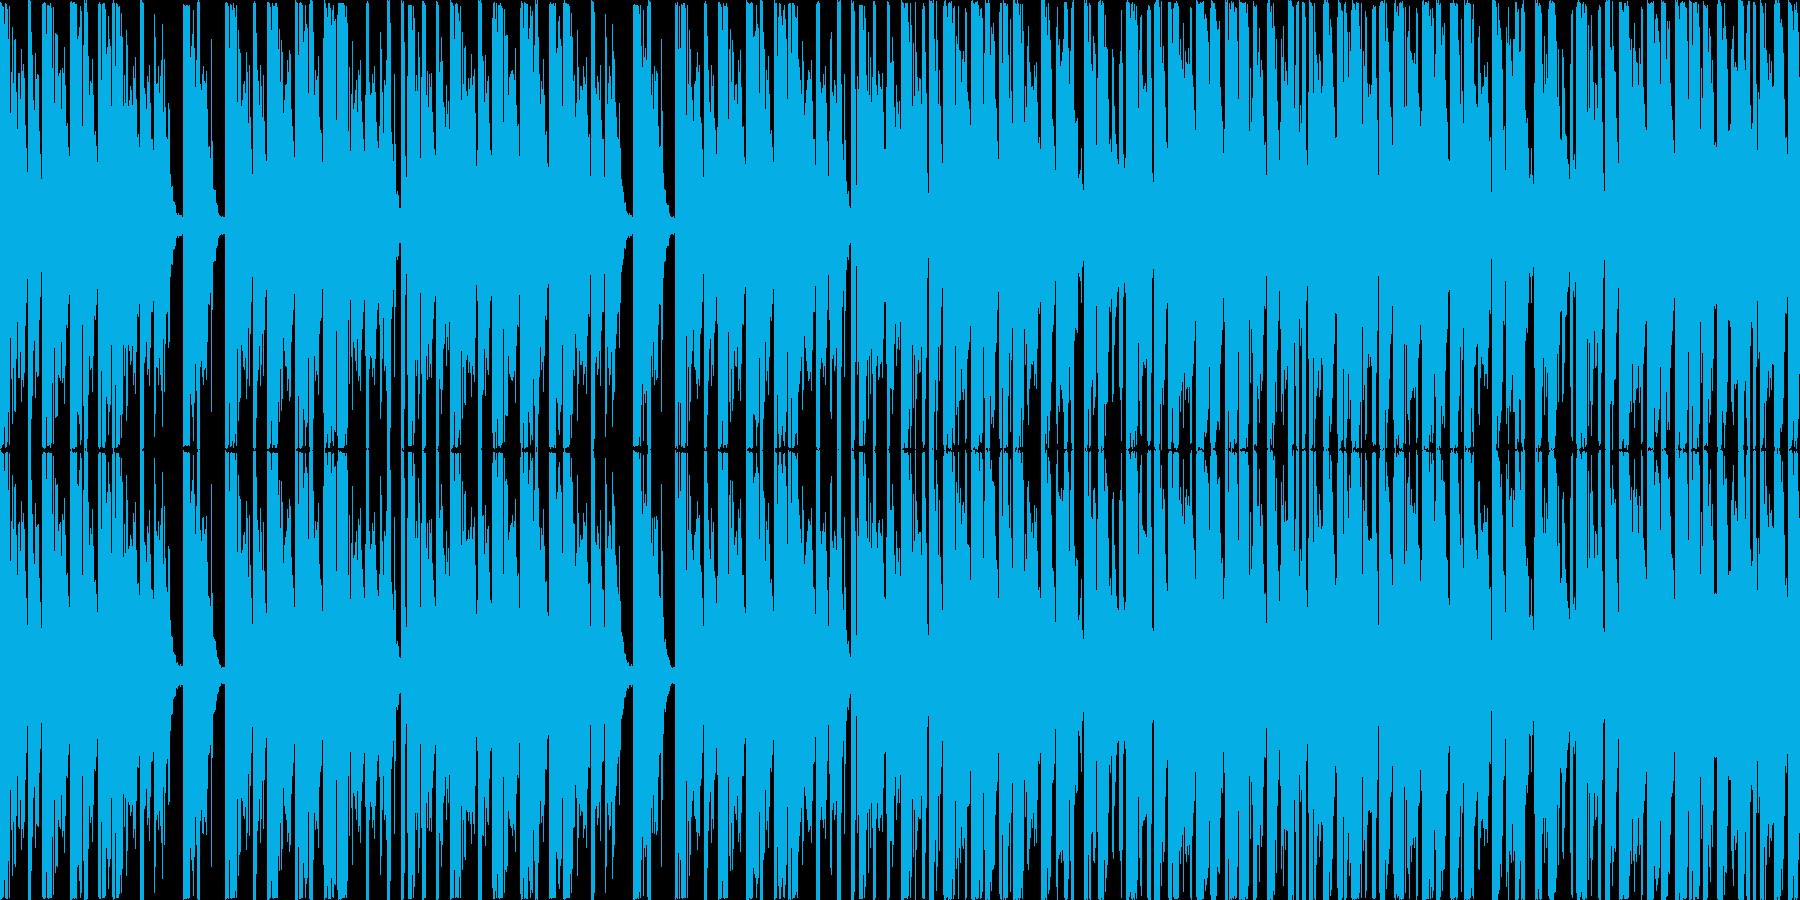 ダンジョンっぽいBGMの再生済みの波形